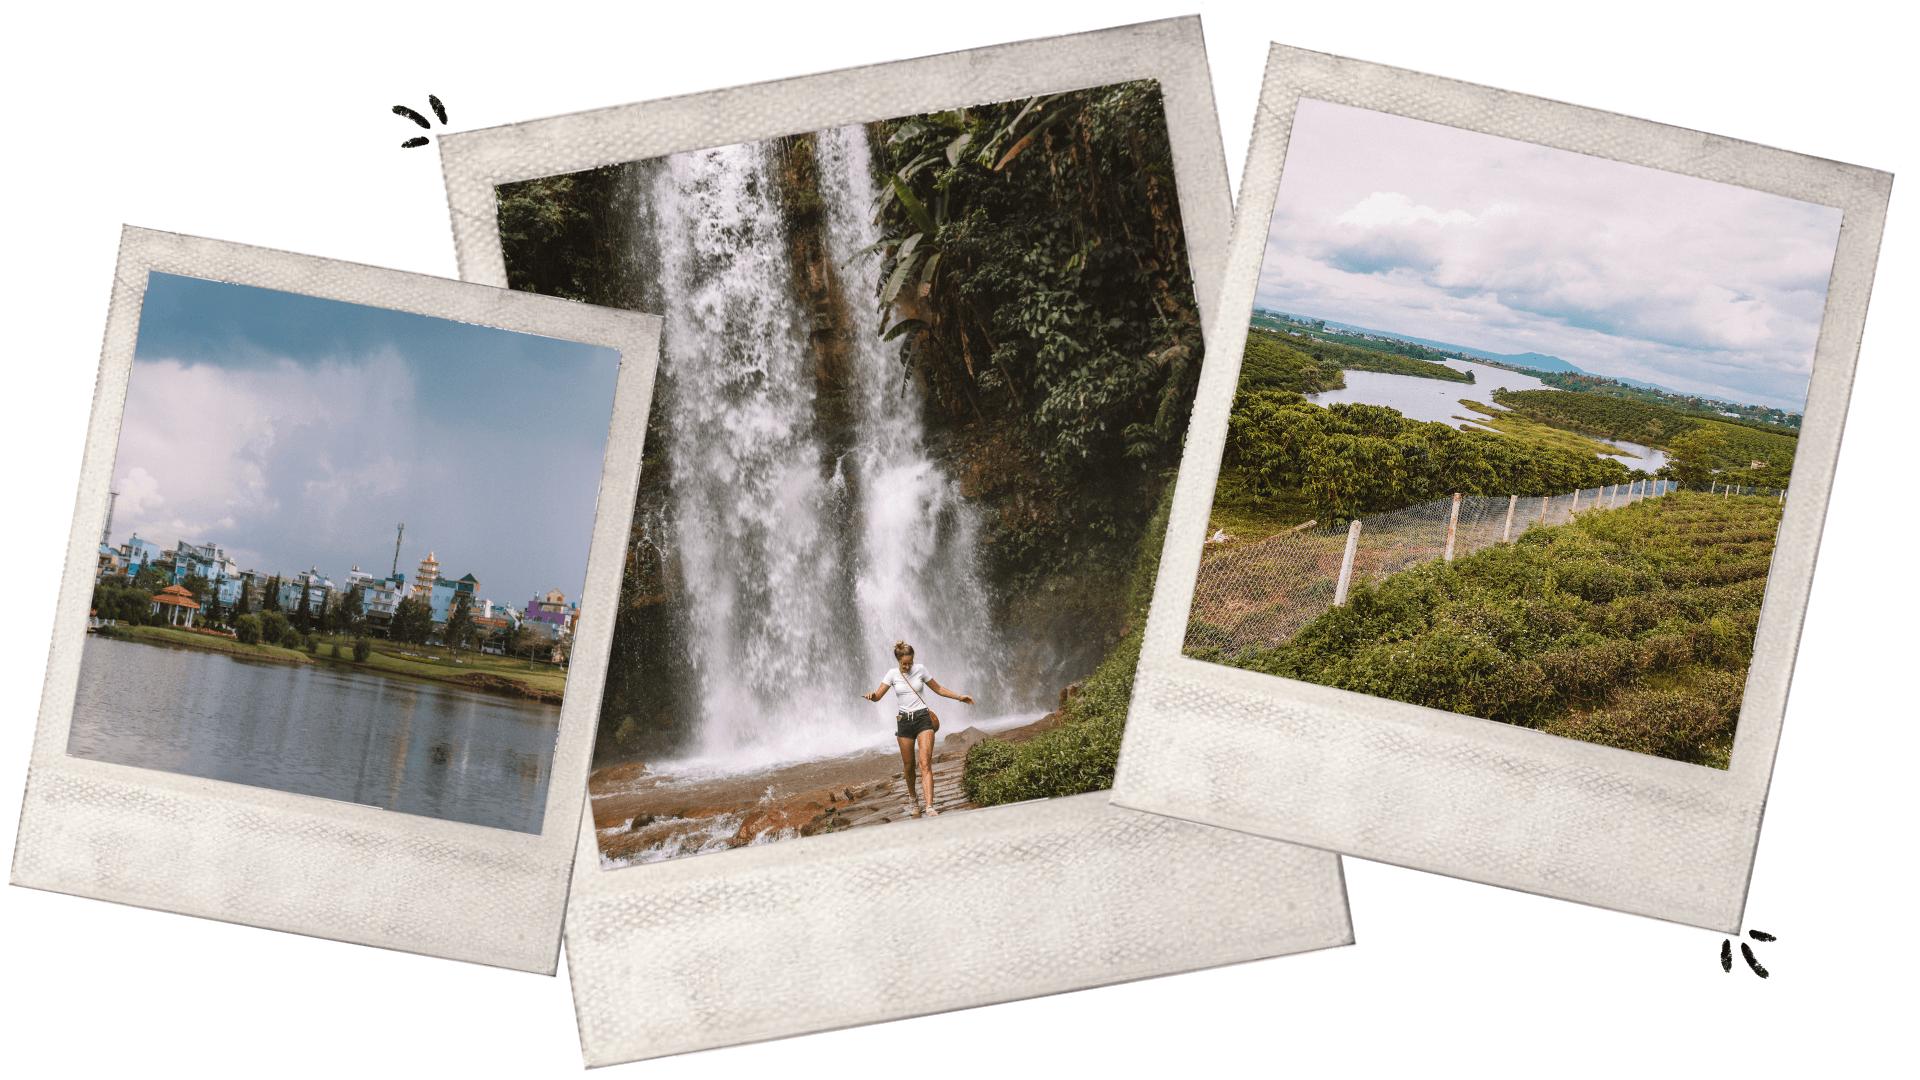 travel guide to Bao Loc dambri waterfall Vietnam